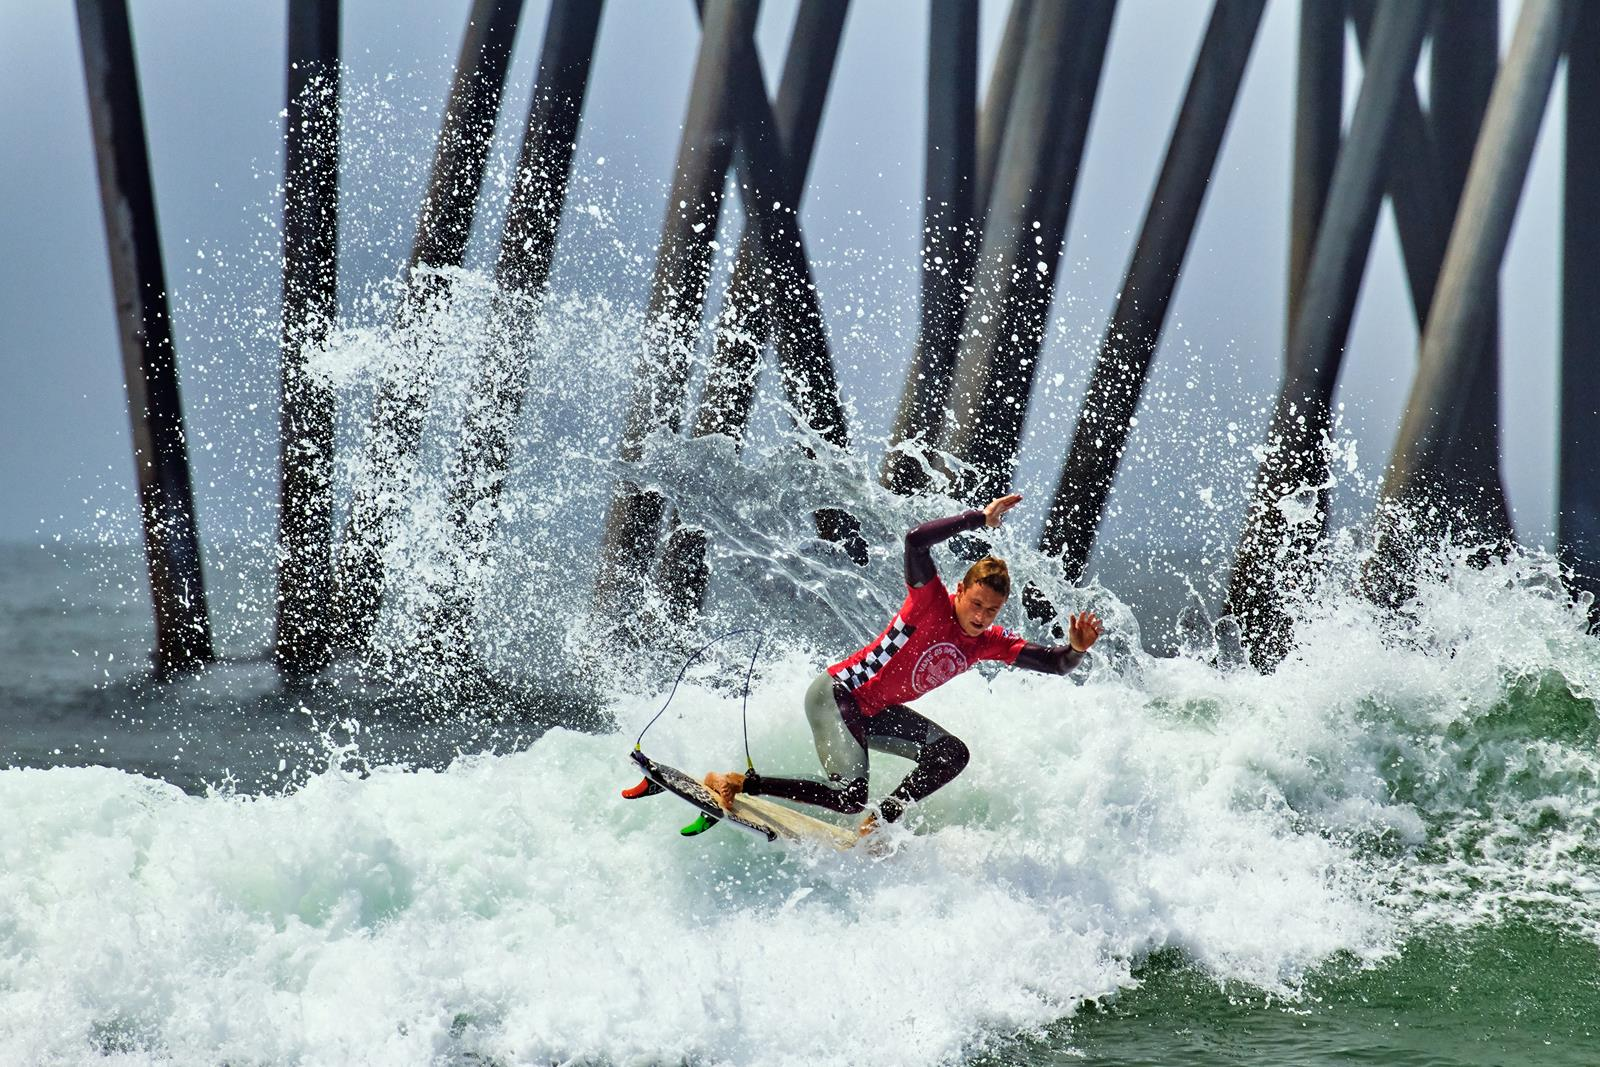 California - Huntington Beach - Pedro Szekely